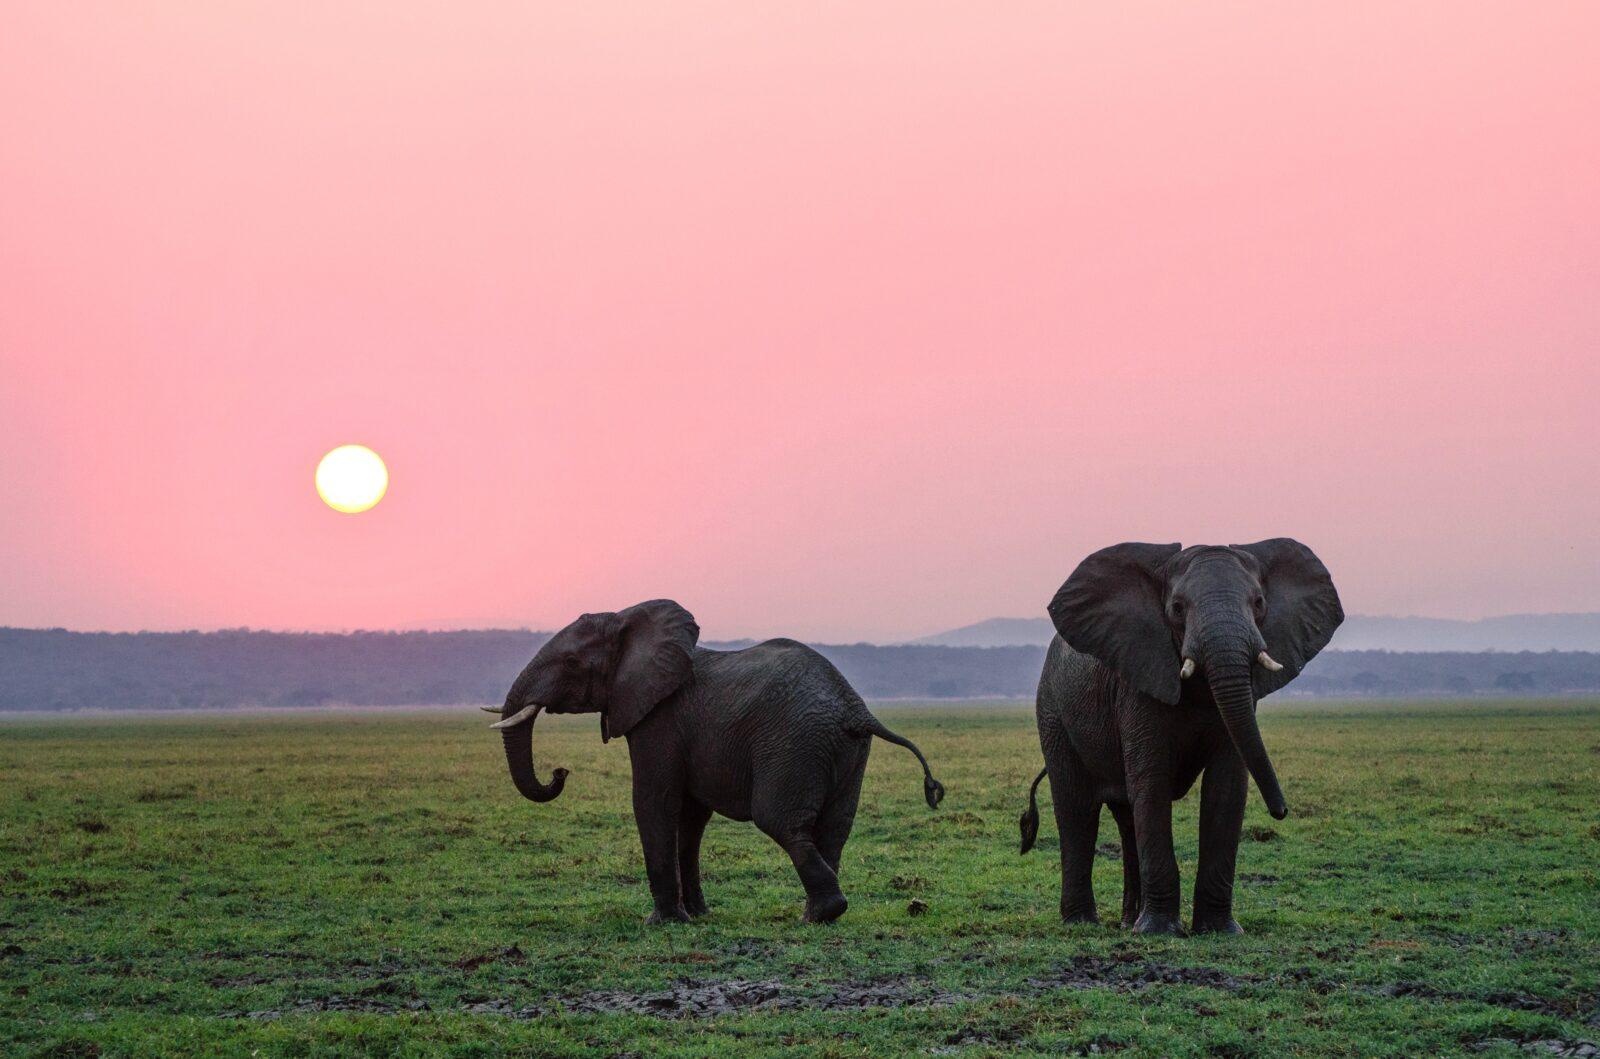 Two elephants in a field